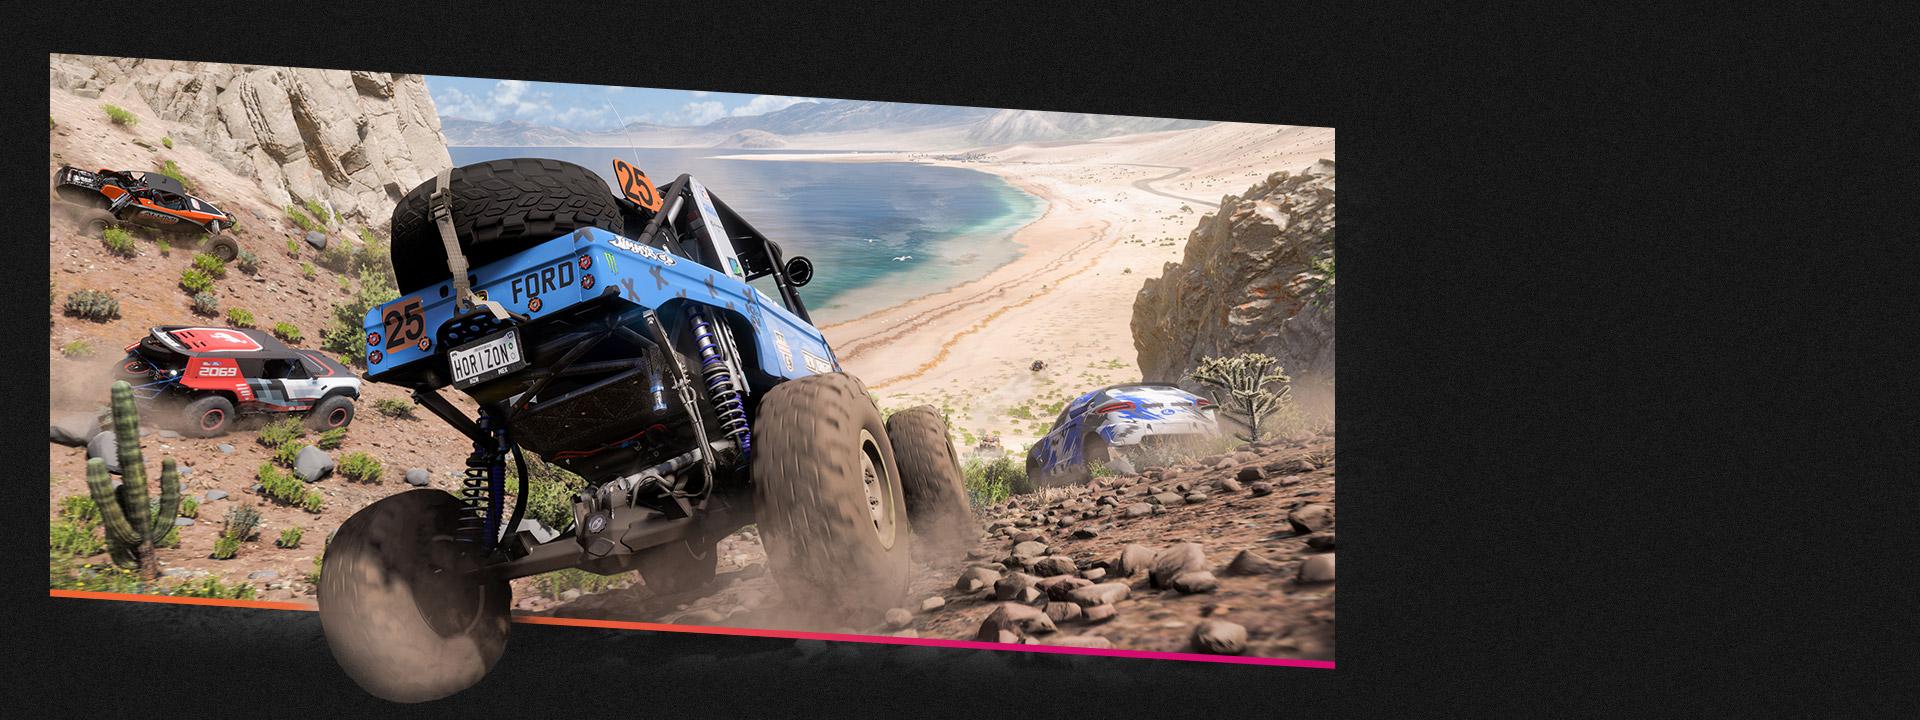 흙 언덕에서 아래쪽 해변을 향해 경주하는 자동차 네 대.